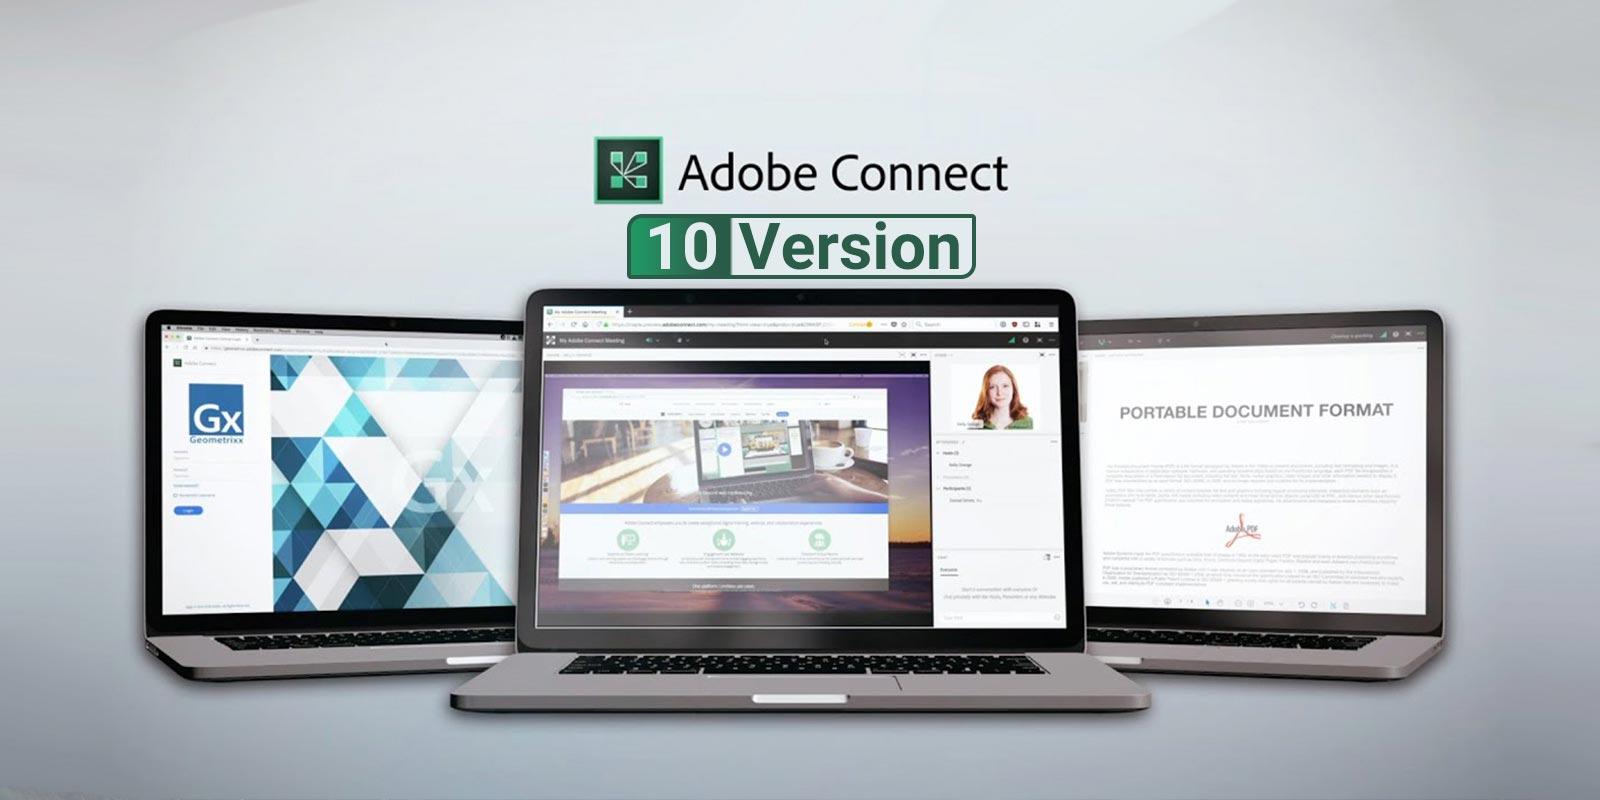 دانلود نرم افزار Adobe Connect 10.6 Adobe Connect وبینار